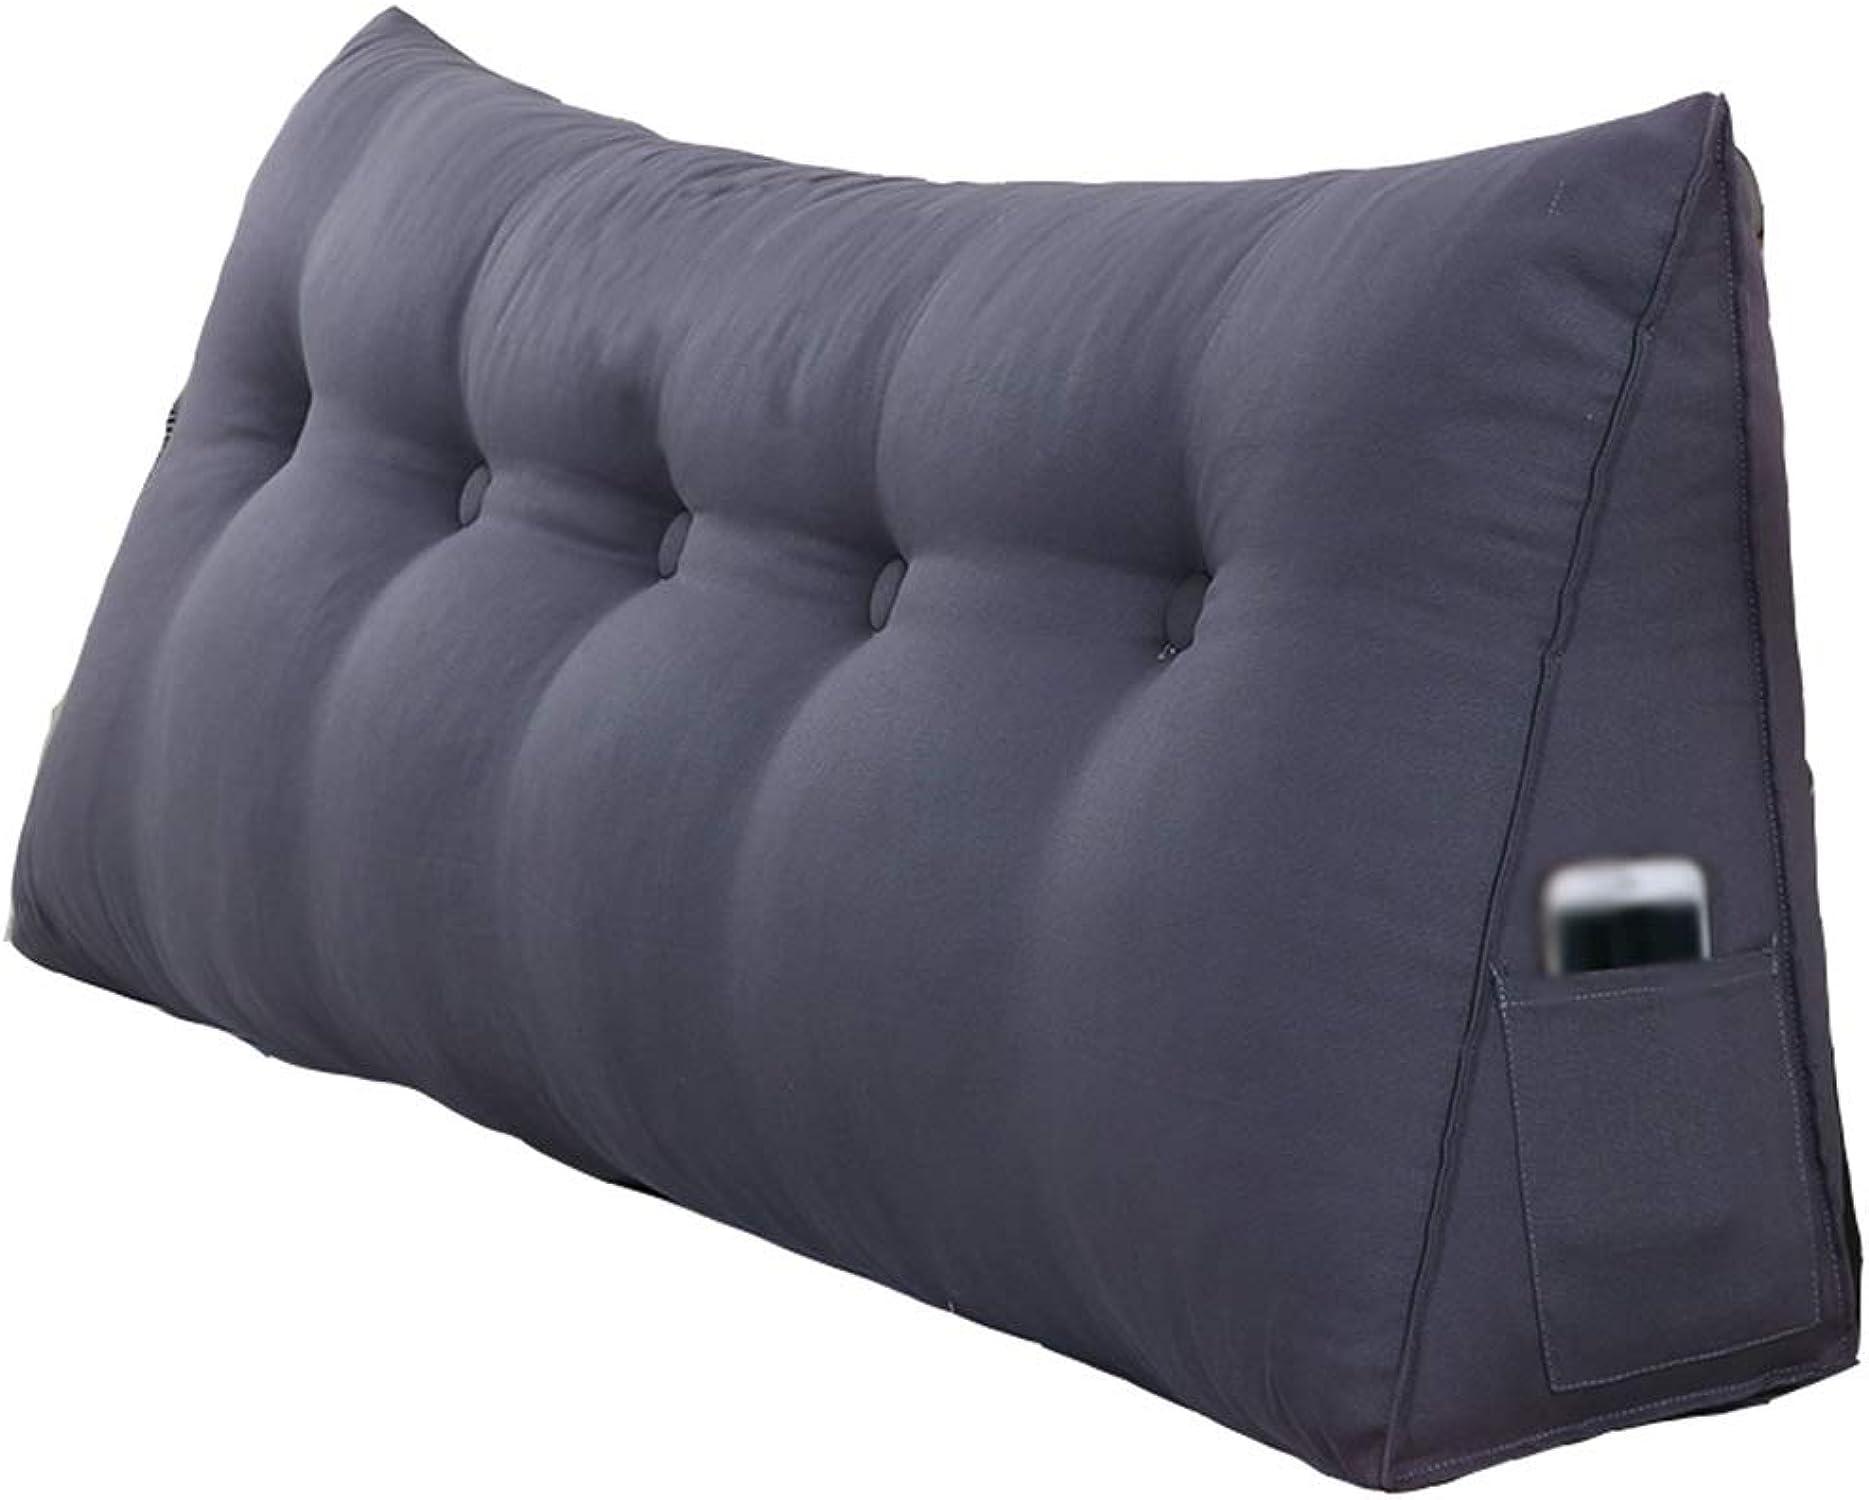 DNSJB oreillers Triangle lit Double avec Coussin Amovible, lit canapé Bureau Maison Peut être utilisé pour la Taille Dos Oreiller de Lecture, gris Noir (Taille   100  50  20cm)